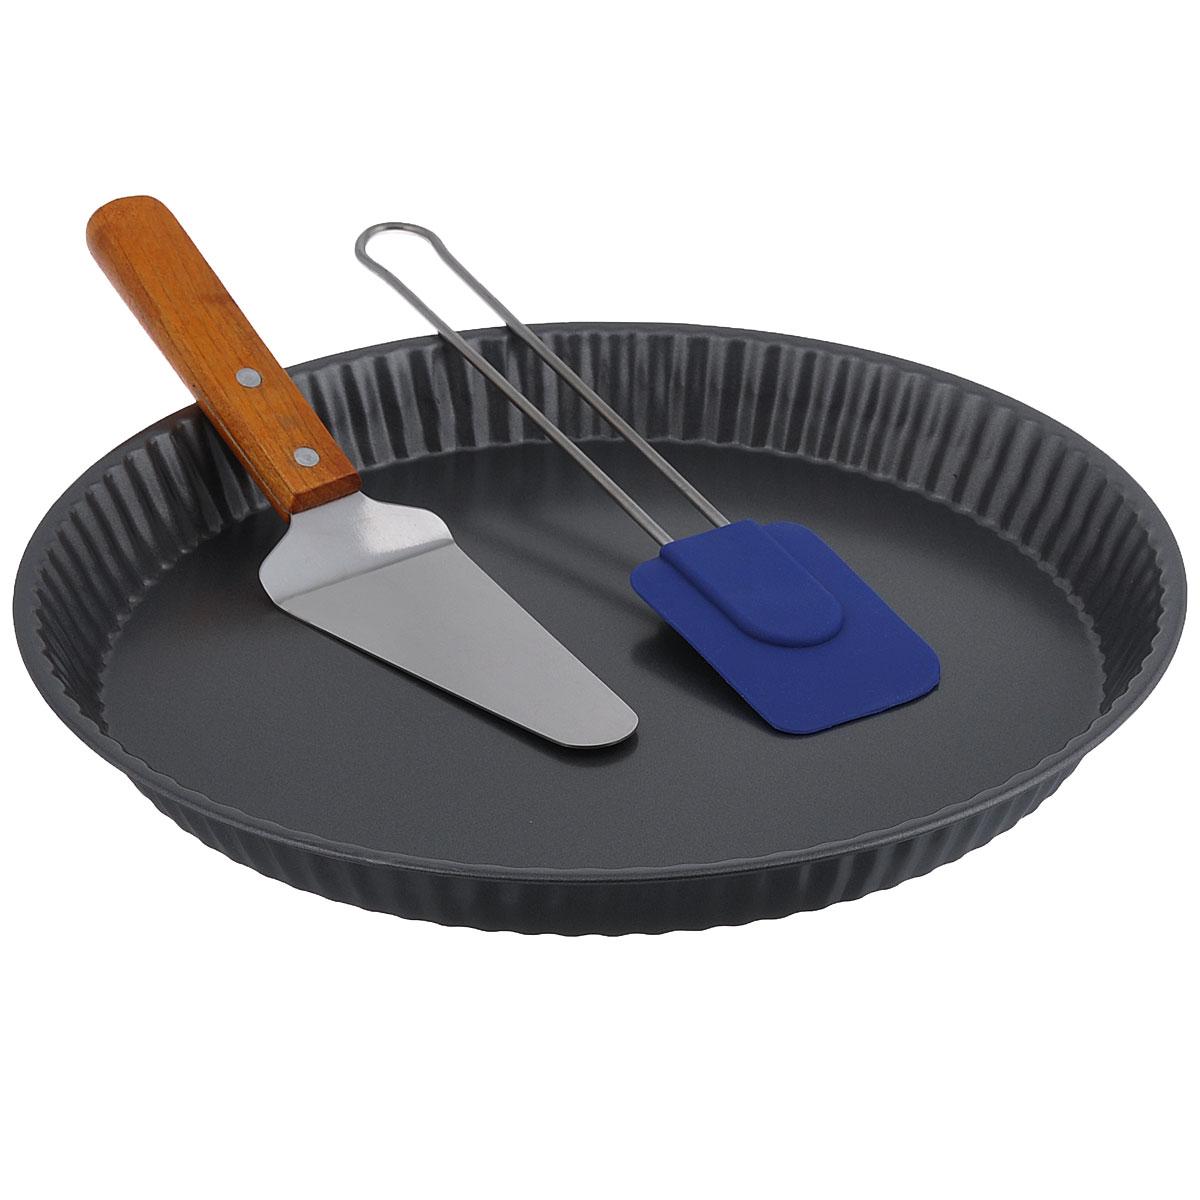 Набор для запекания, 3 предметаSL-8005Набор для запекания состоит из круглой формы для выпечки и двух лопаток. Форма выполнена из углеродистой стали. Особое высокотехнологичное антипригарное покрытие препятствует пригоранию пищи и обеспечивает легкую очистку после использования. Стенки формы рифленые. В наборе имеется лопатка с прозрачной акриловой ручкой и силиконовой рабочей поверхностью. Ей удобно смазывать форму и выпечку маслом. Металлическая лопатка с деревянной ручкой идеальна для сервировки выпечки. Такой функциональный набор пригодится любой хозяйке и поможет легко приготовить вкусную красивую выпечку. Можно мыть в посудомоечной машине. Не использовать абразивные моющие средства и мочалки.